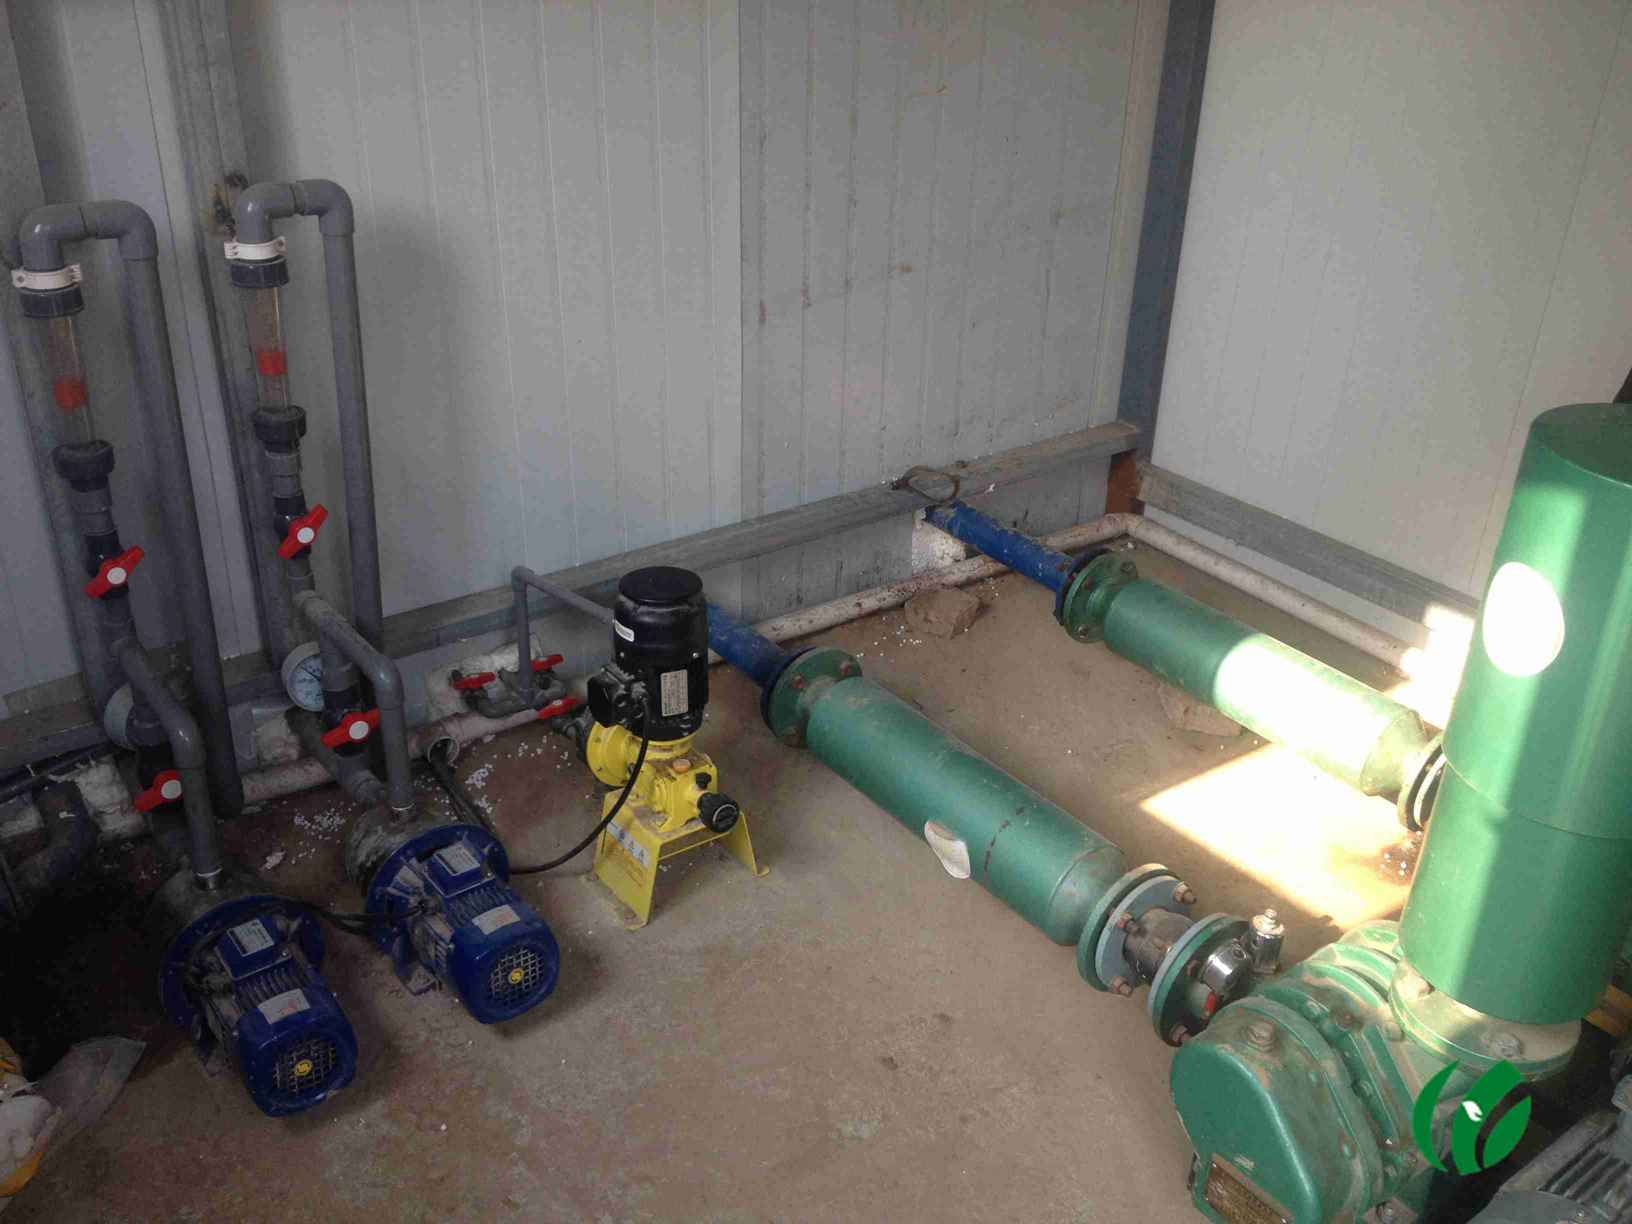 7,污水处理设备配有plc自动控制系统和故障报警装置,运行安全可靠,无